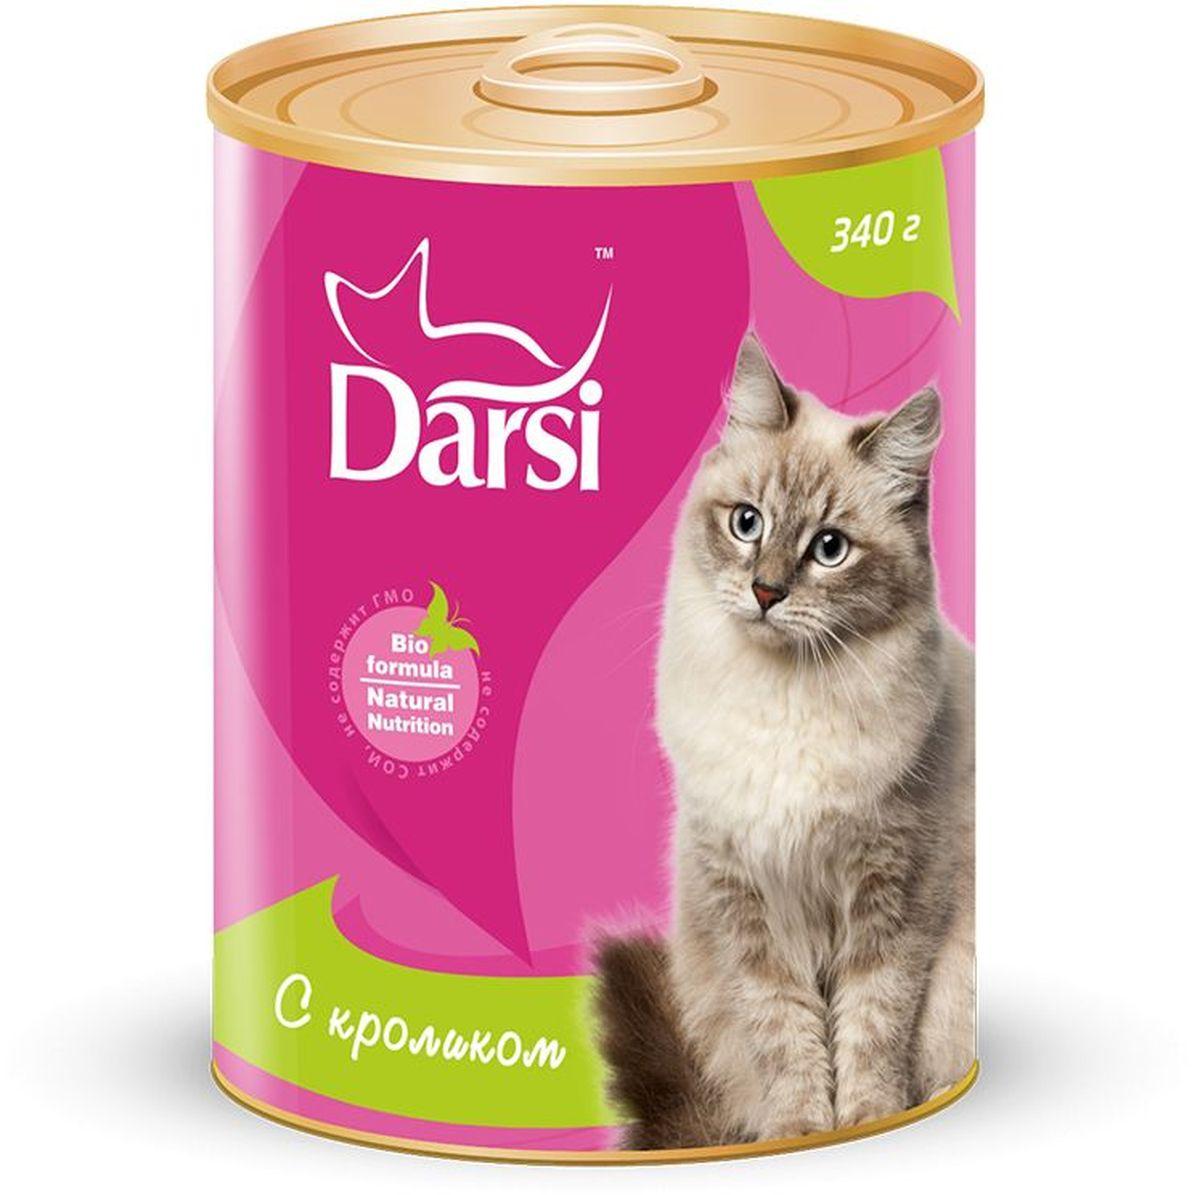 Консервы для кошек Darsi, с кроликом, 340 г. 92350120710Полнорационный консервированный корм для кошек в виде фарша.